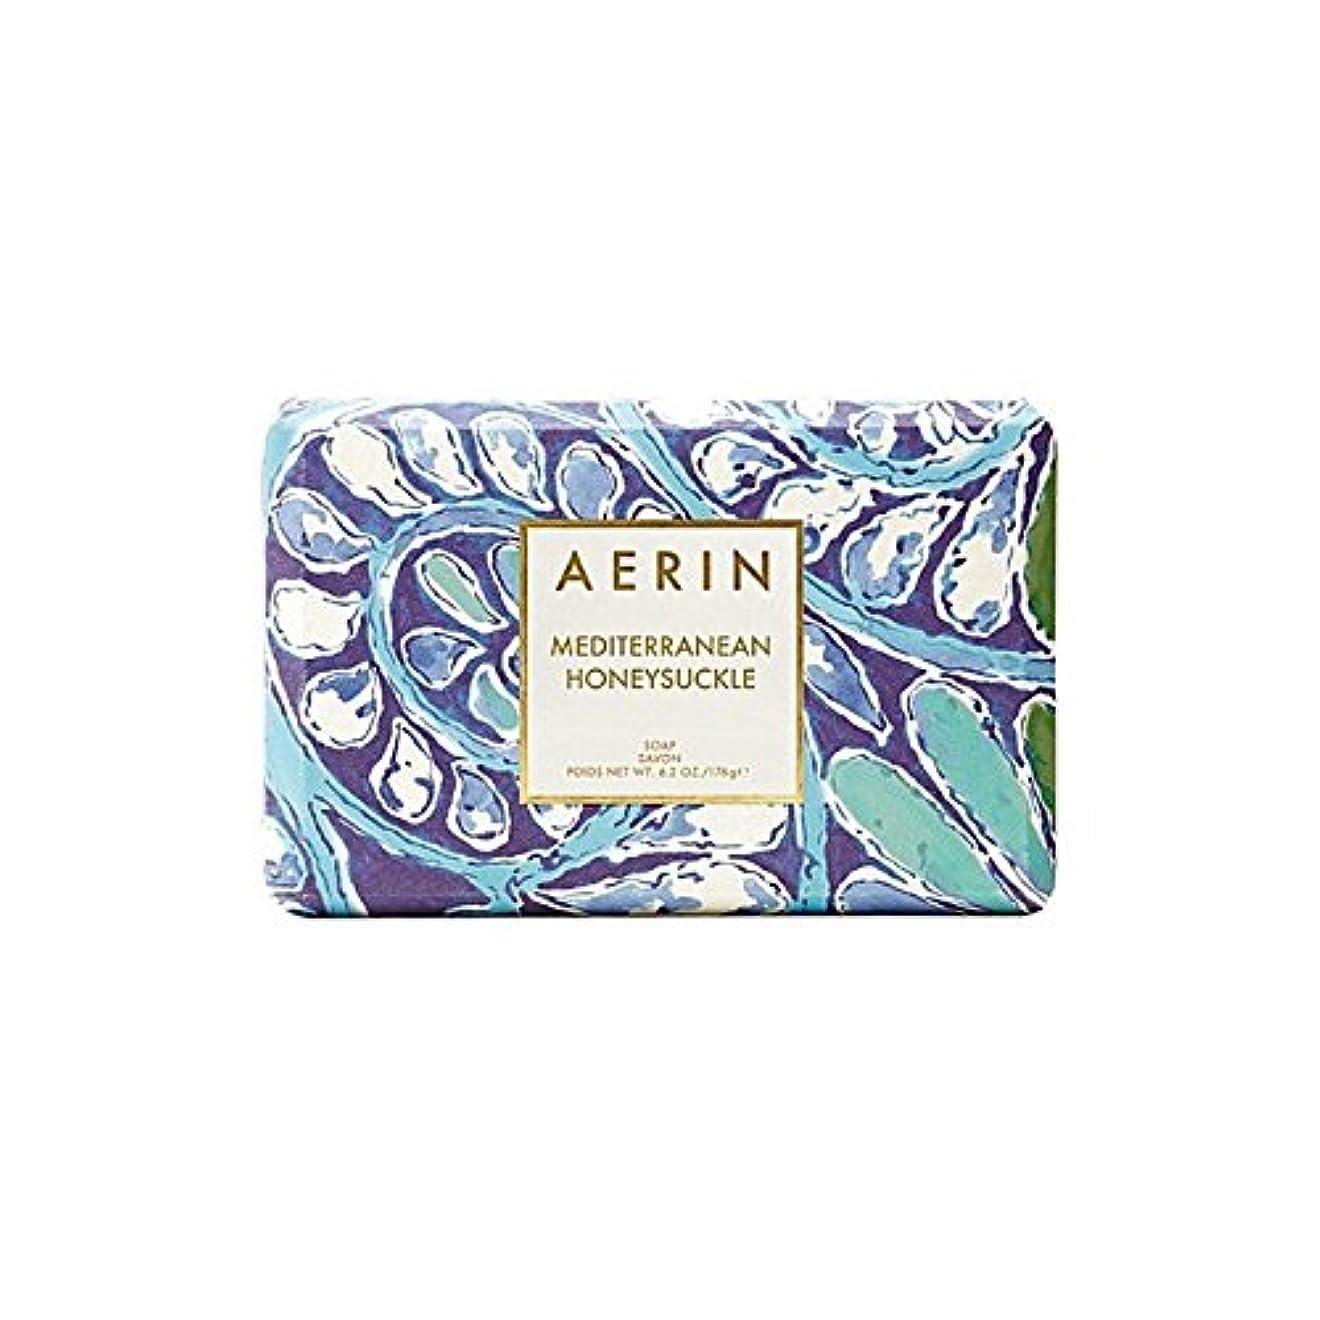 ほこりっぽいはぁロードされたAerin Mediterrenean Honeysuckle Bar Soap 176G (Pack of 6) - スイカズラ固形石鹸176グラム x6 [並行輸入品]